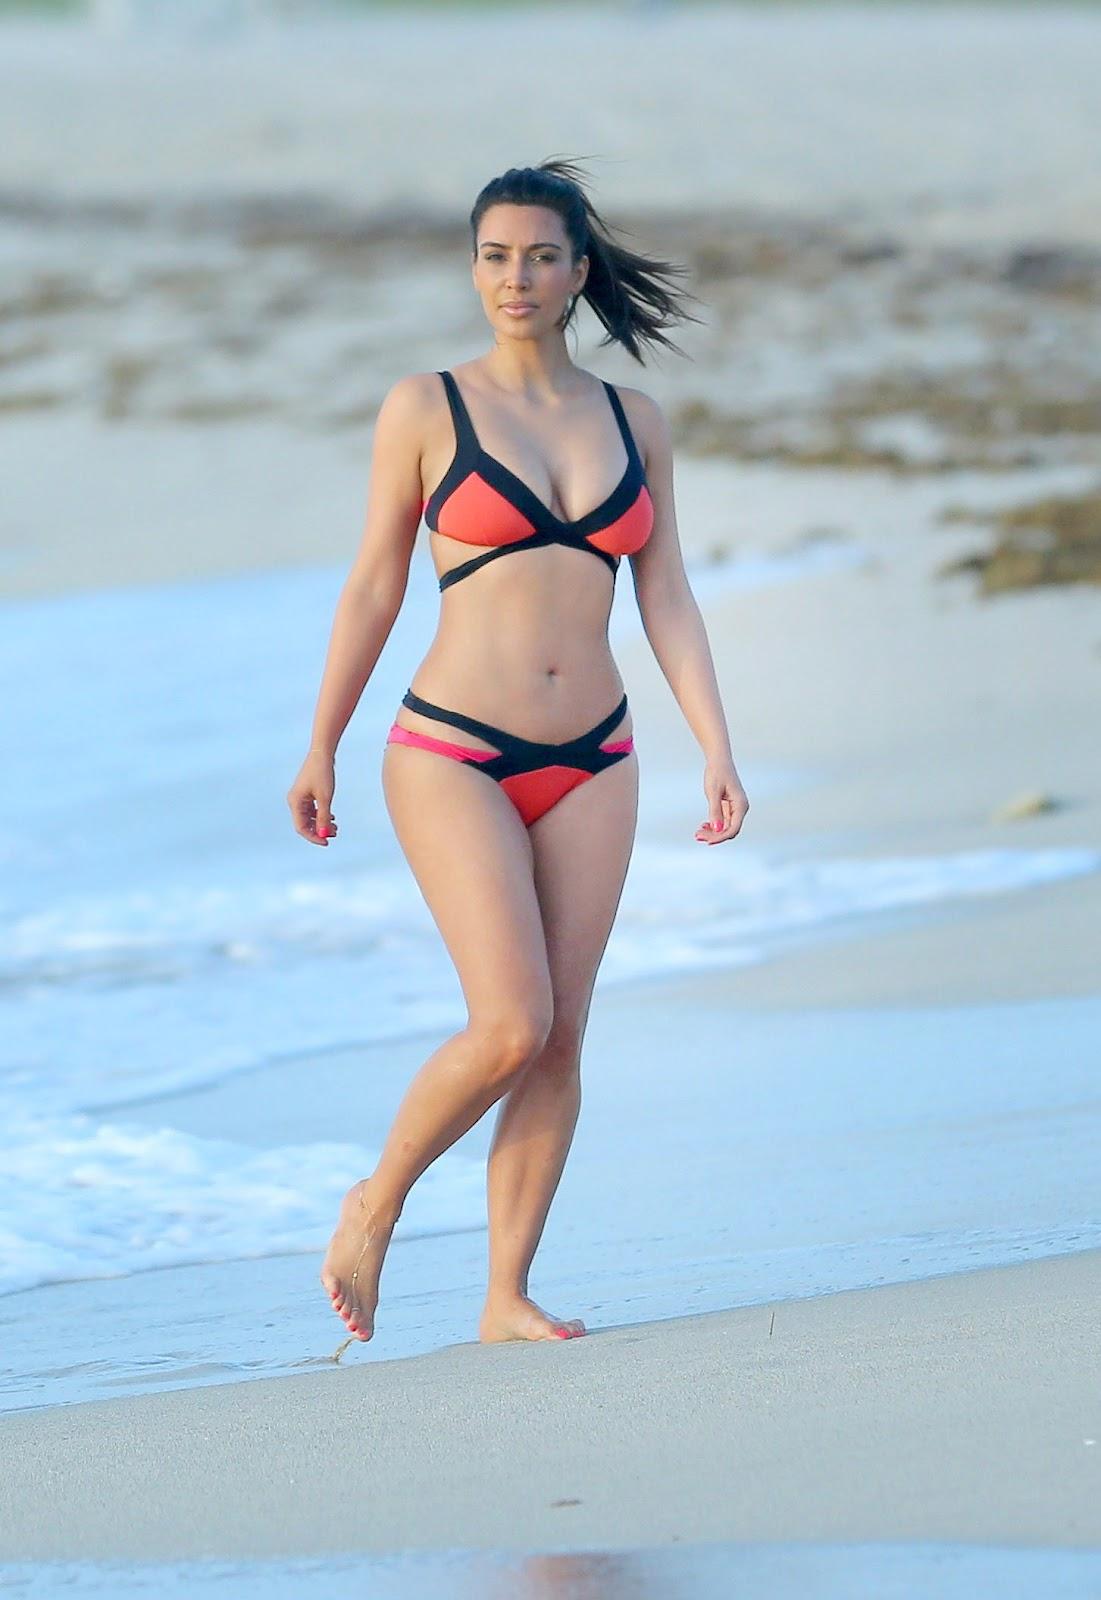 http://3.bp.blogspot.com/-FfaE54zfrQ4/UDUiaycY_6I/AAAAAAAADTE/0lo0_bdnlYI/s1600/Kim-Kardashian-Bikini-Candids-in-Miami.jpg